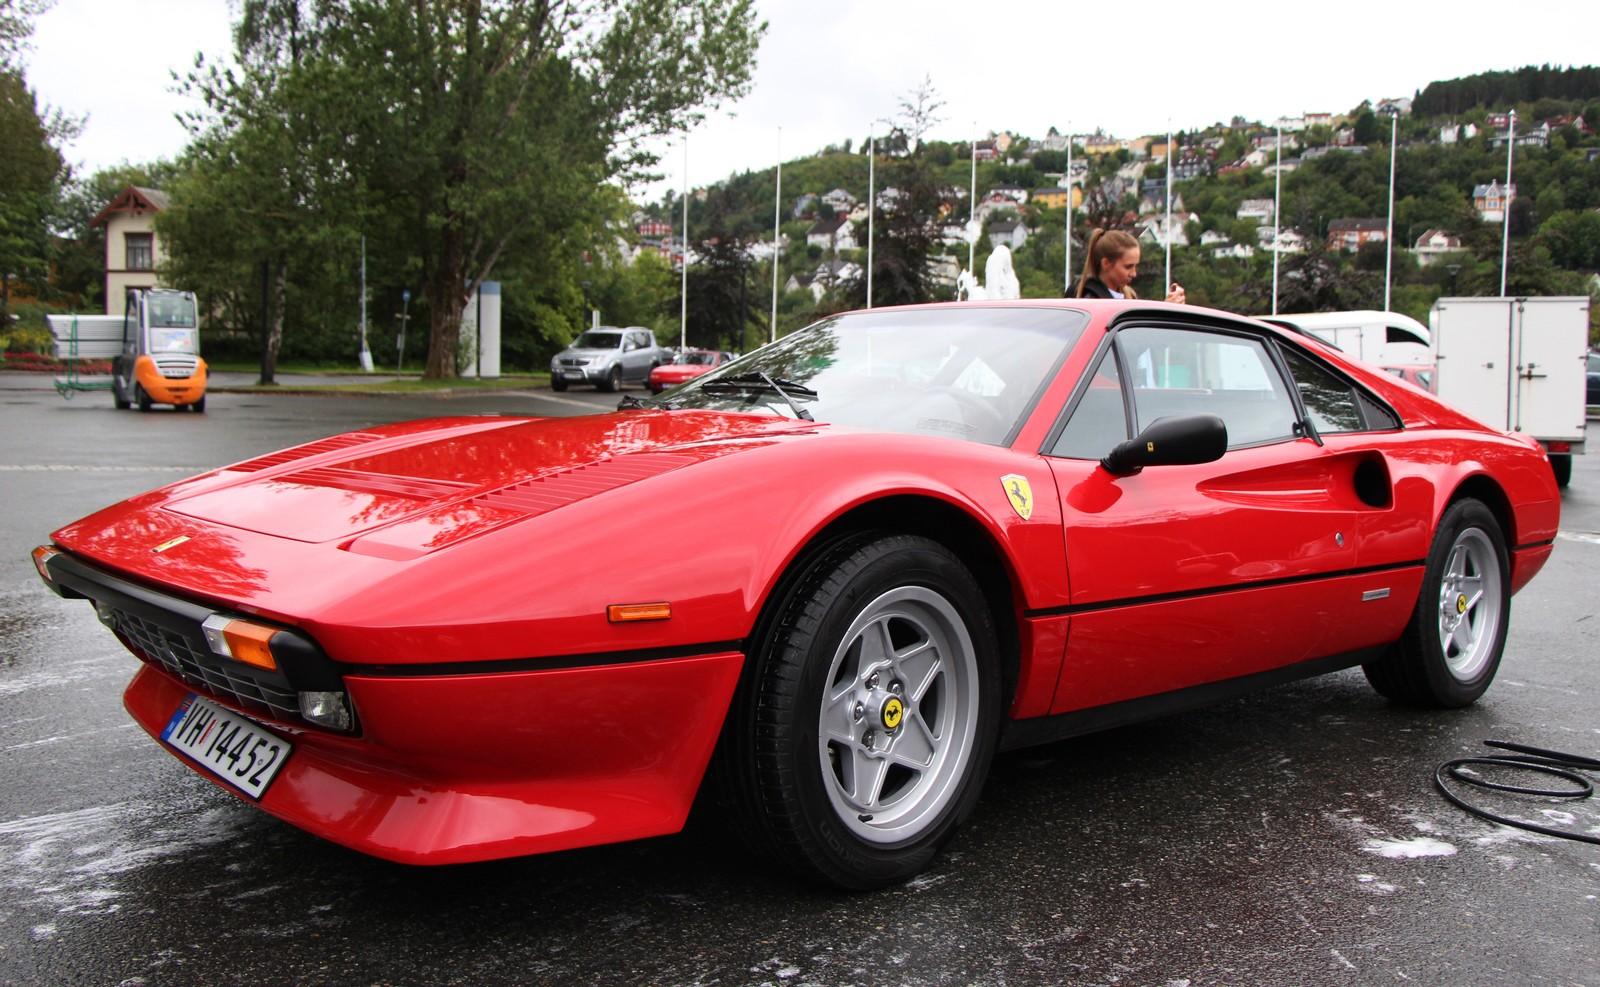 Nystads Ferrari 308 GTB er fra 1984, og det er produsert 225 utgaver av den.